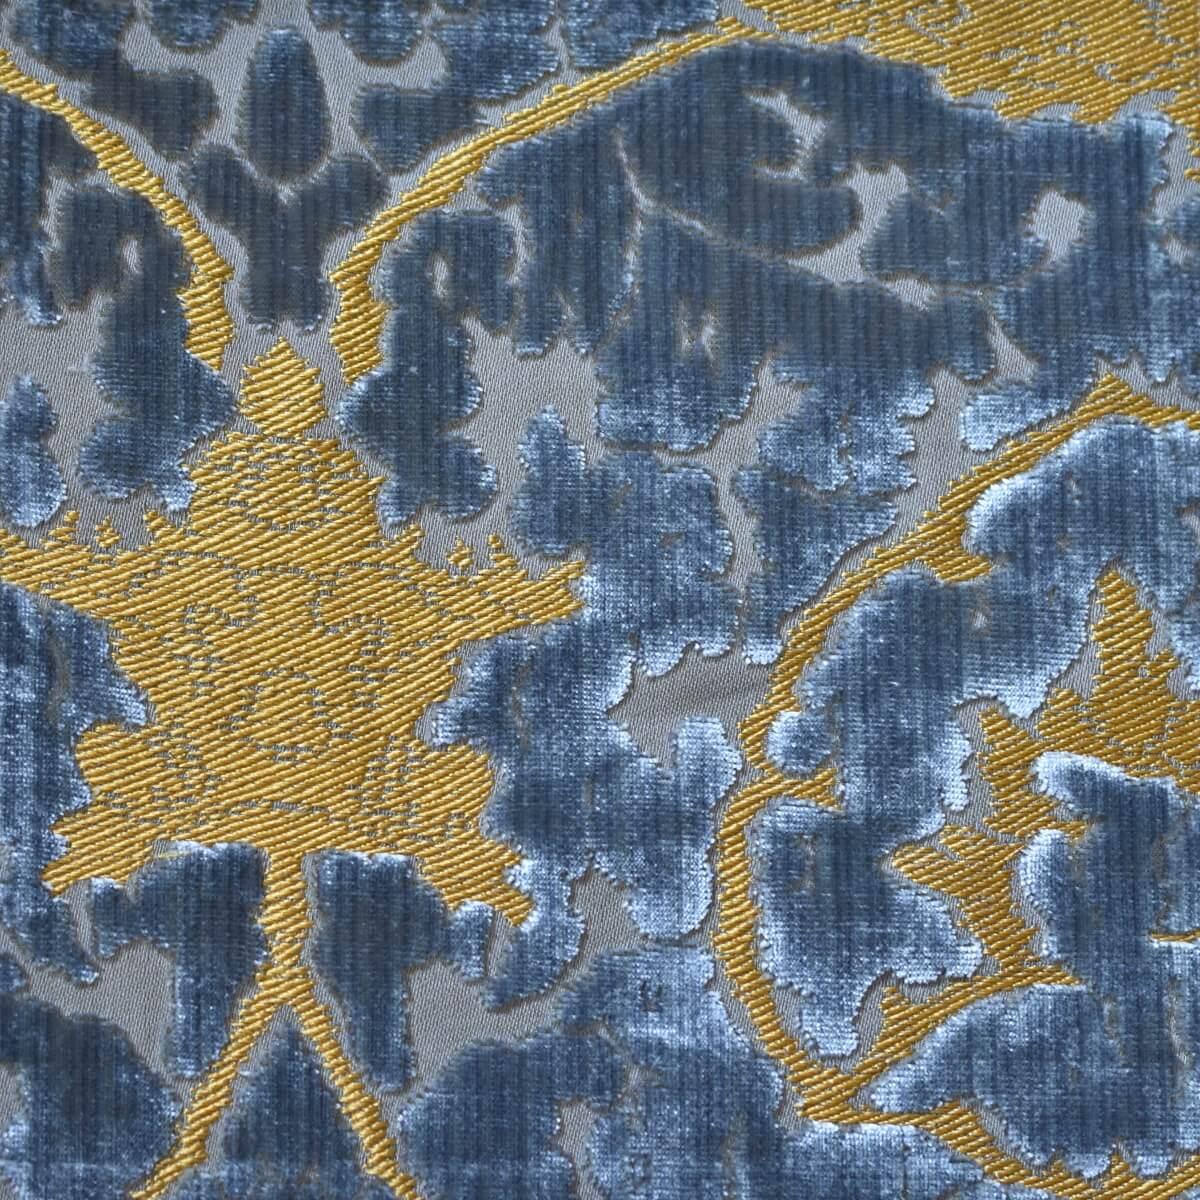 Velluto bacchetta Gotico 331-3945S azzurro | Tessiture Bevilacqua